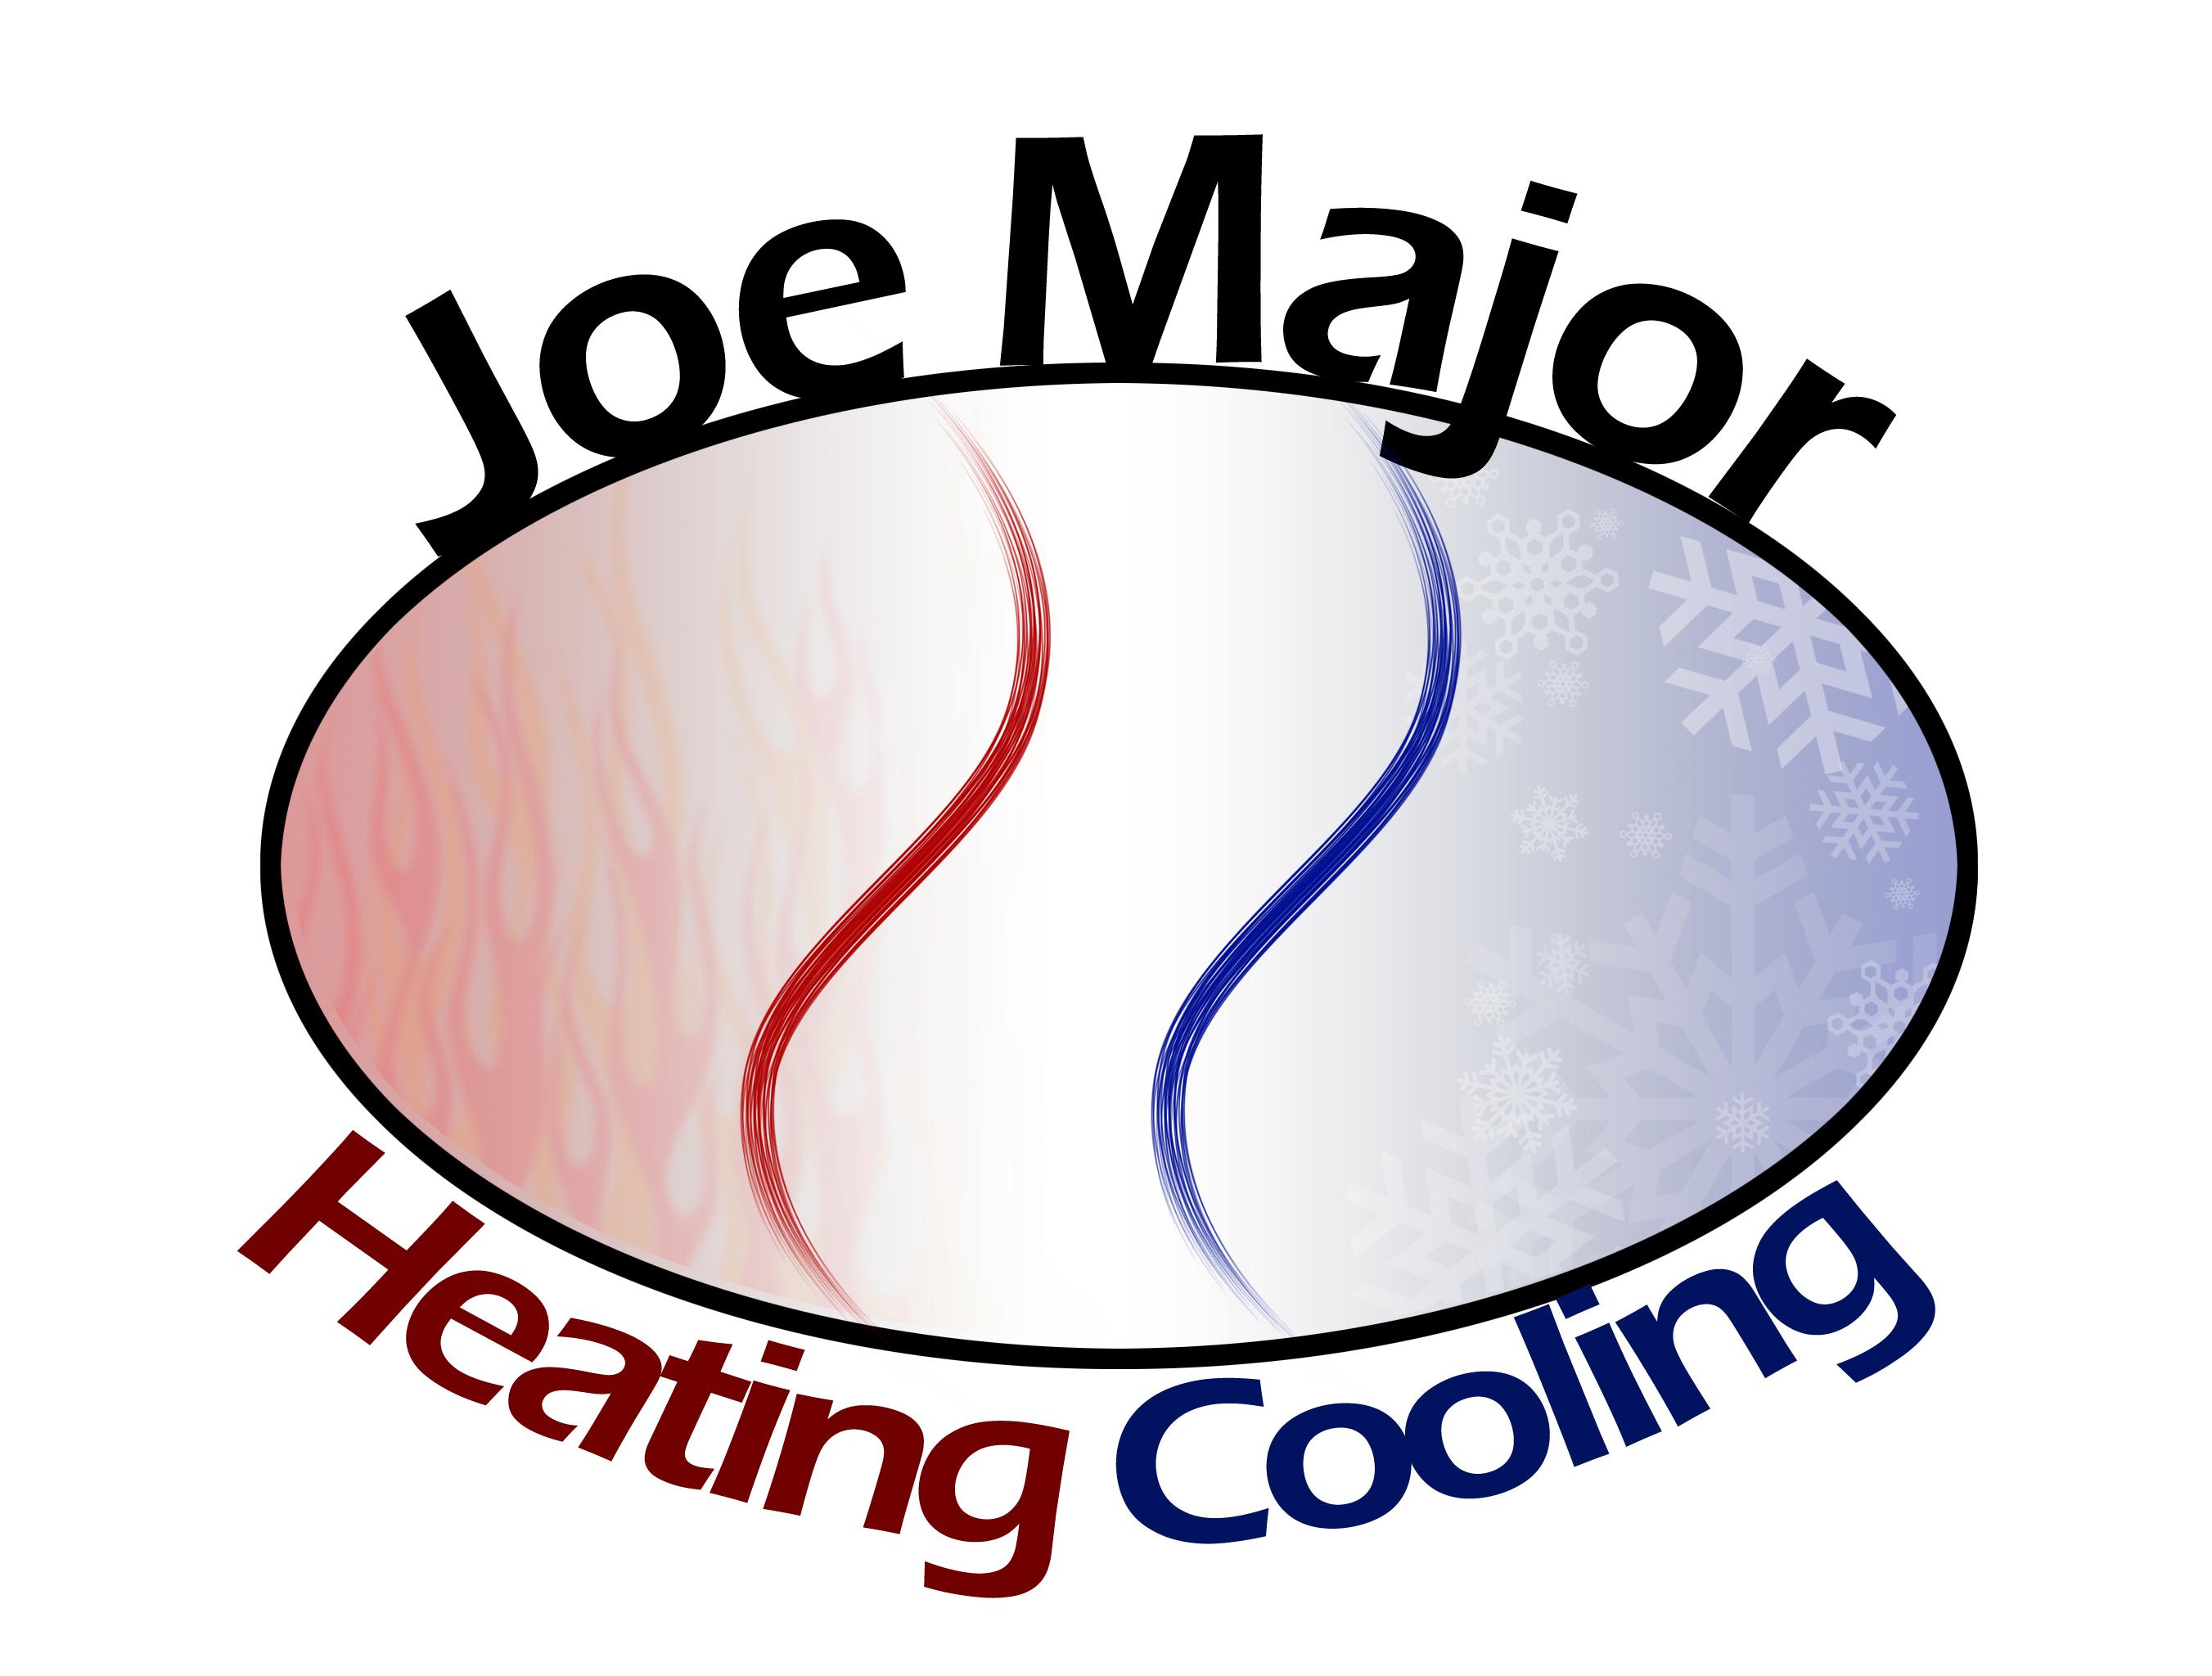 air conditioning repair books pdf